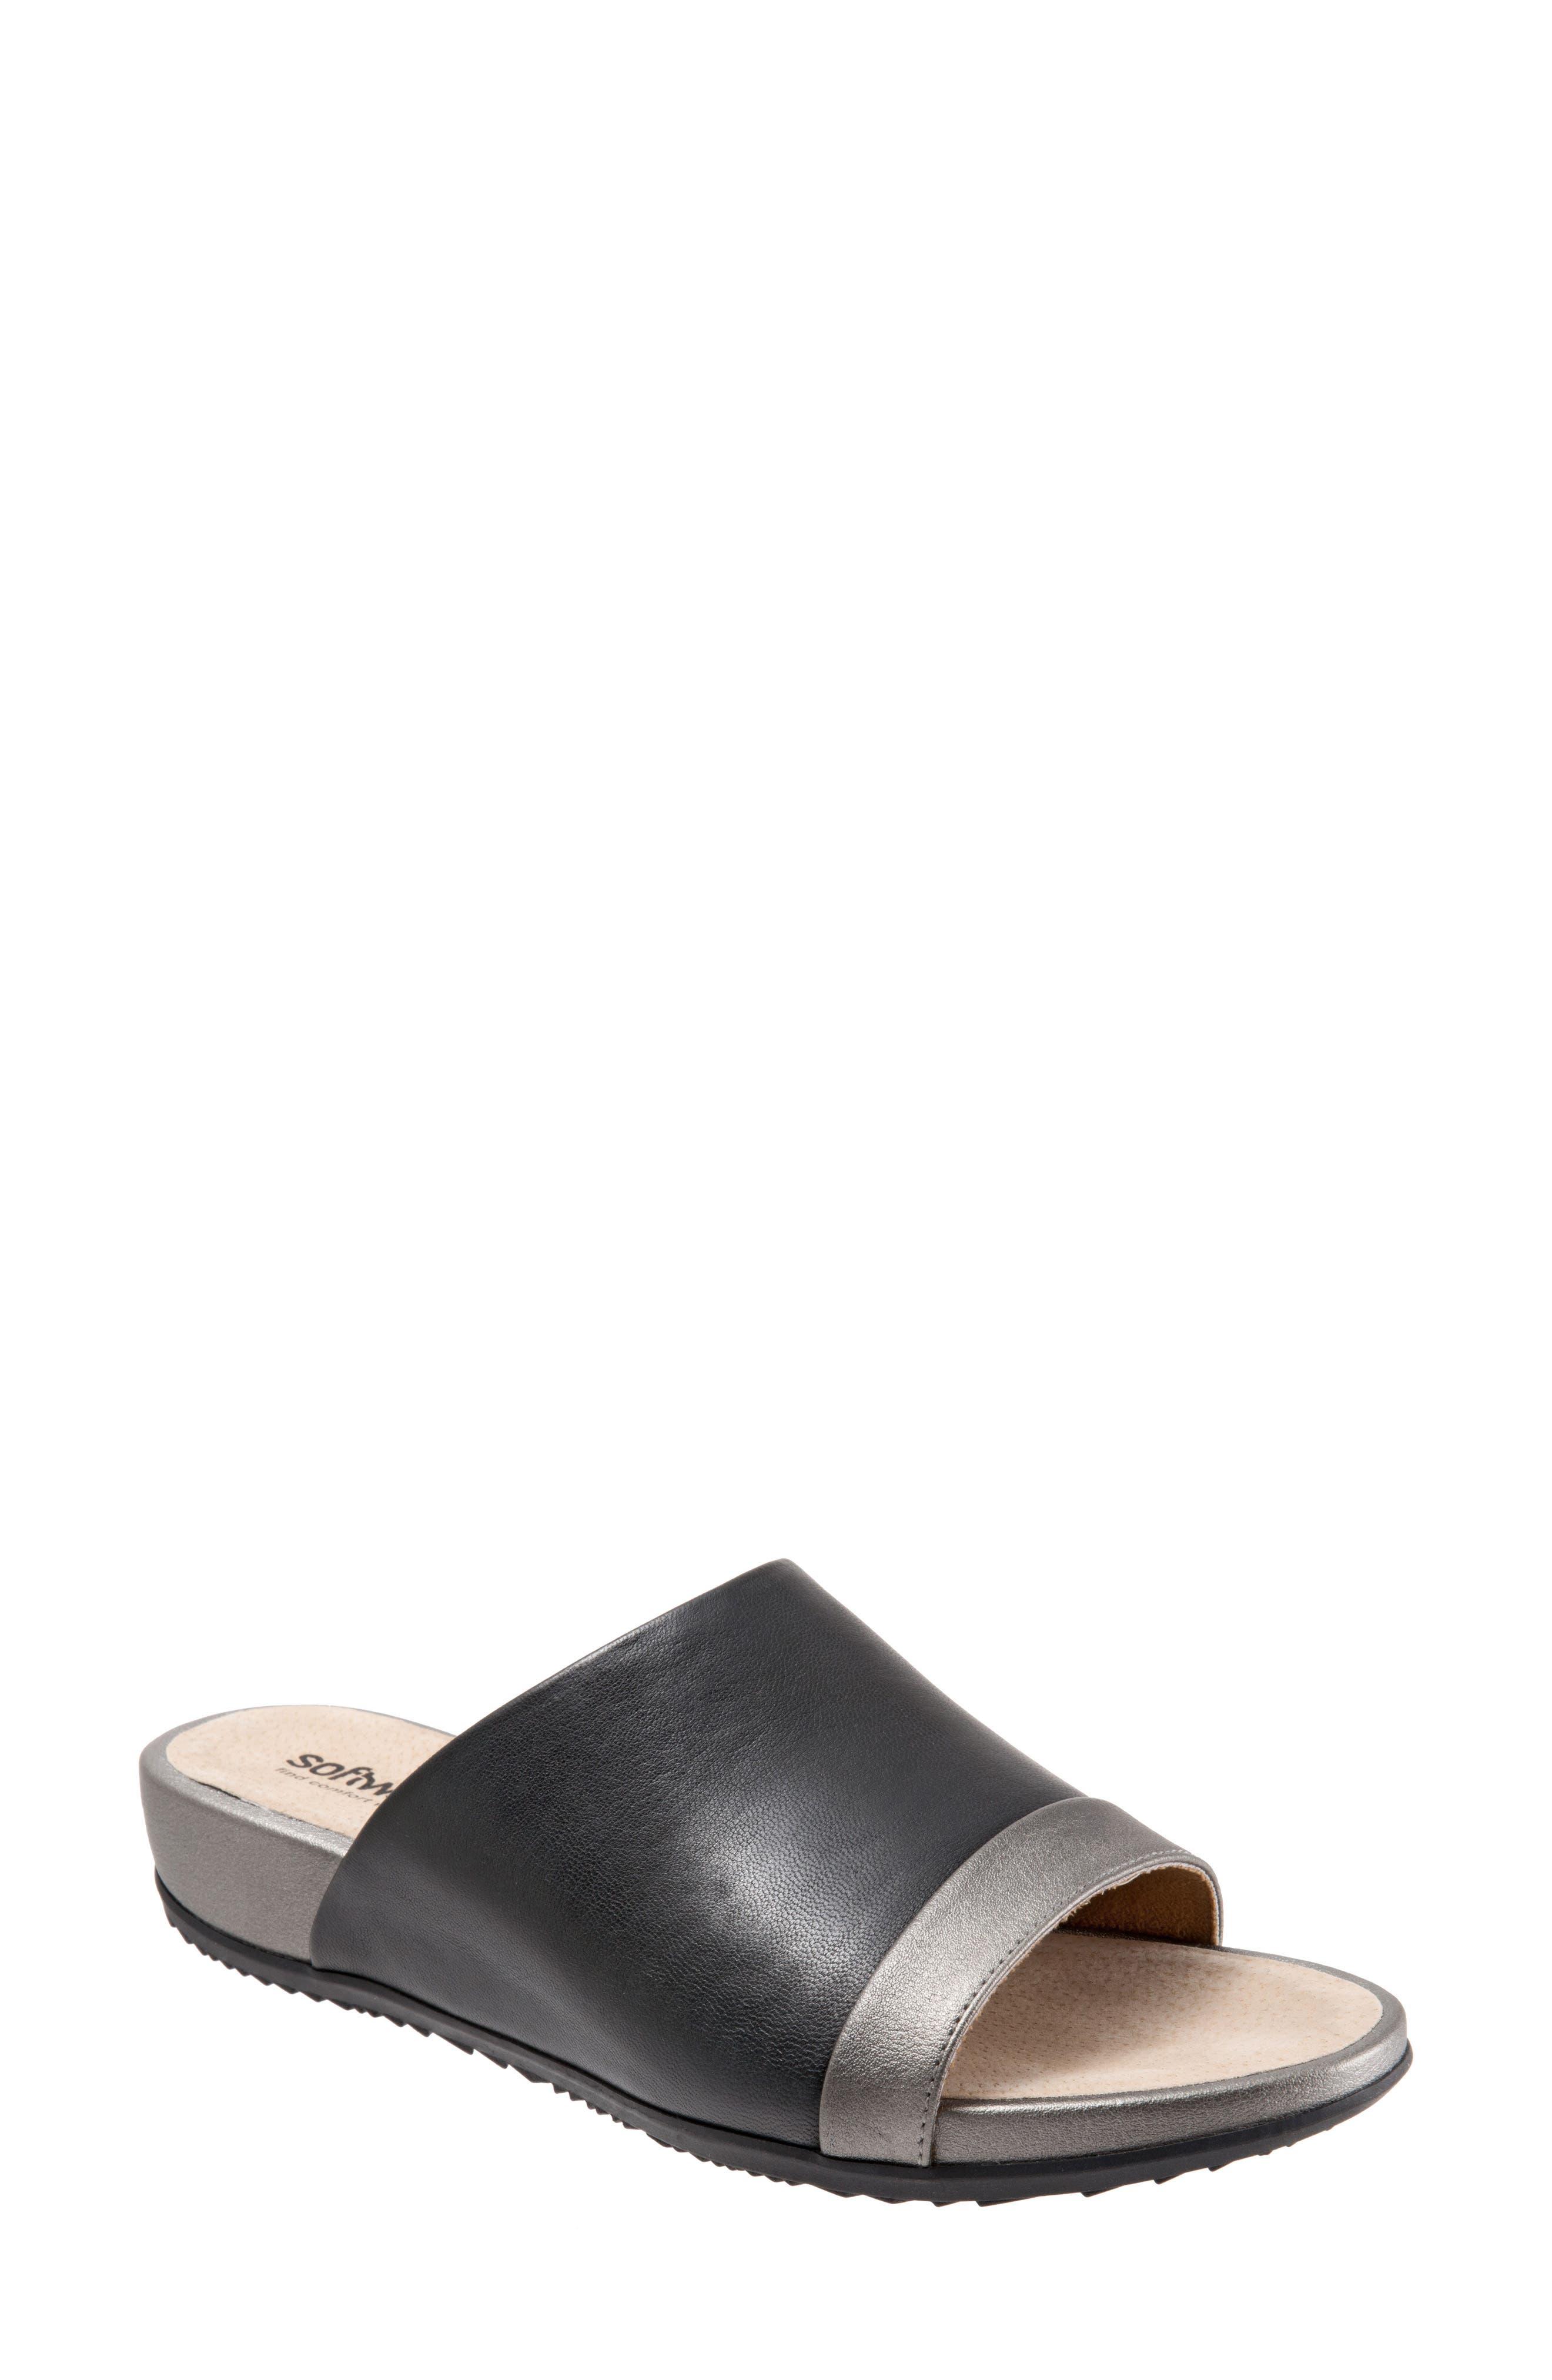 Del Mar Slide Sandal,                         Main,                         color, 017